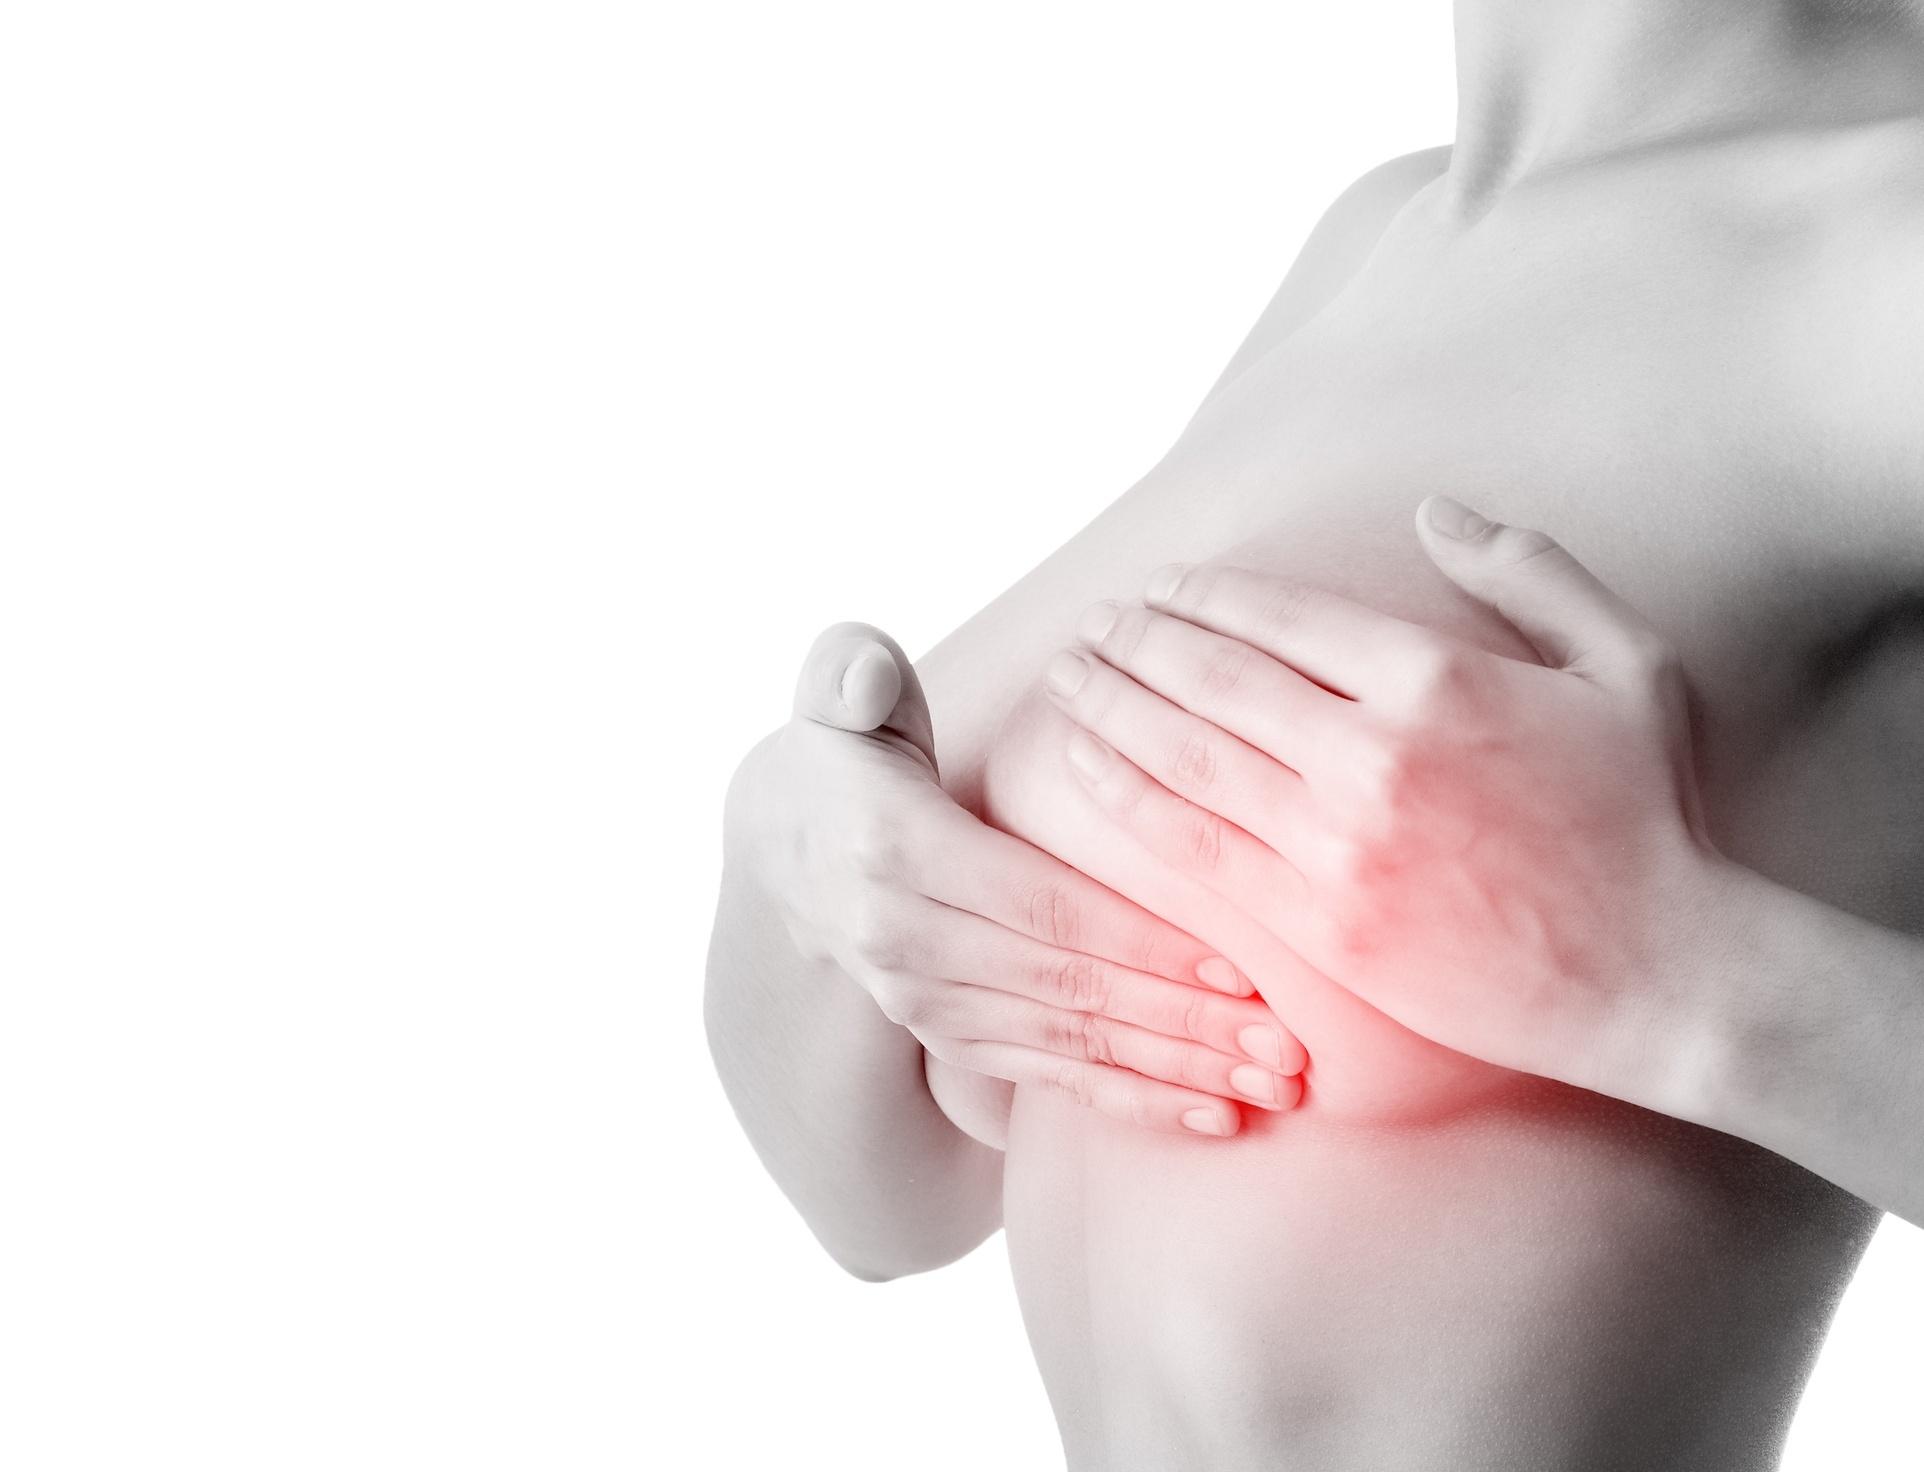 Мастопатия молочной железы симптомы, признаки, лечение